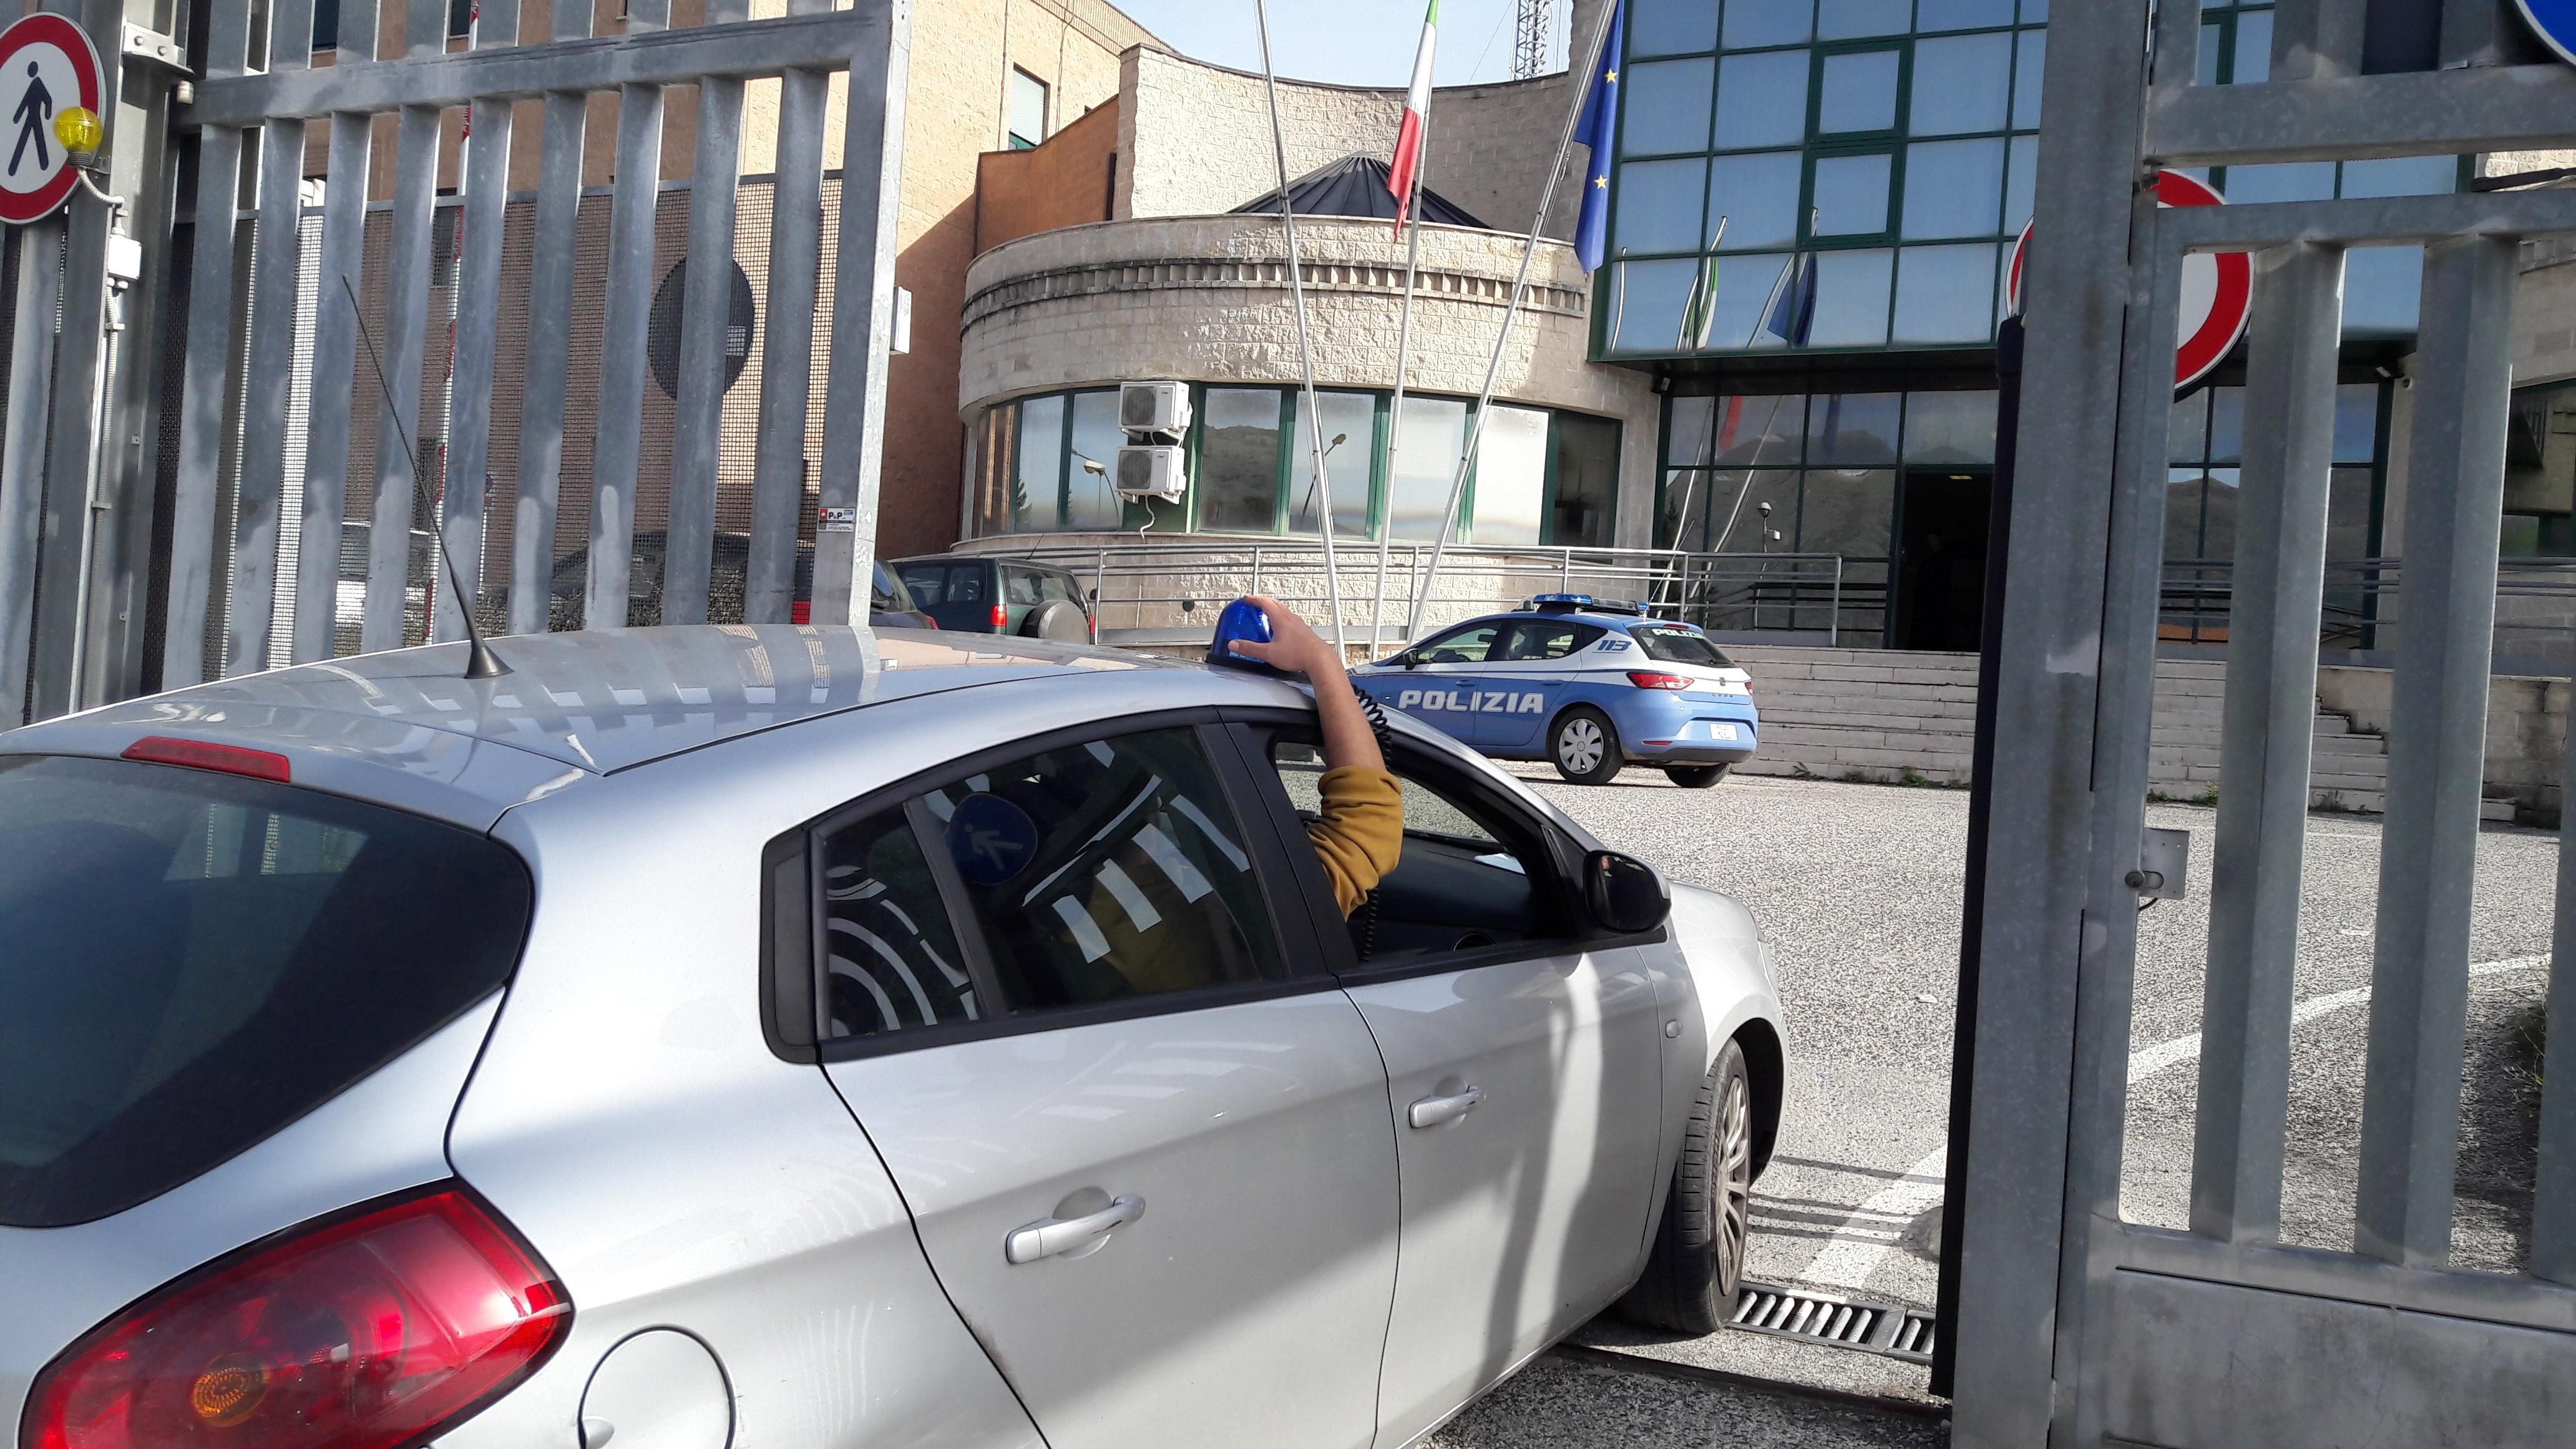 Arrestato mentre preleva con il bancomat rubato, in carcere un 25enne